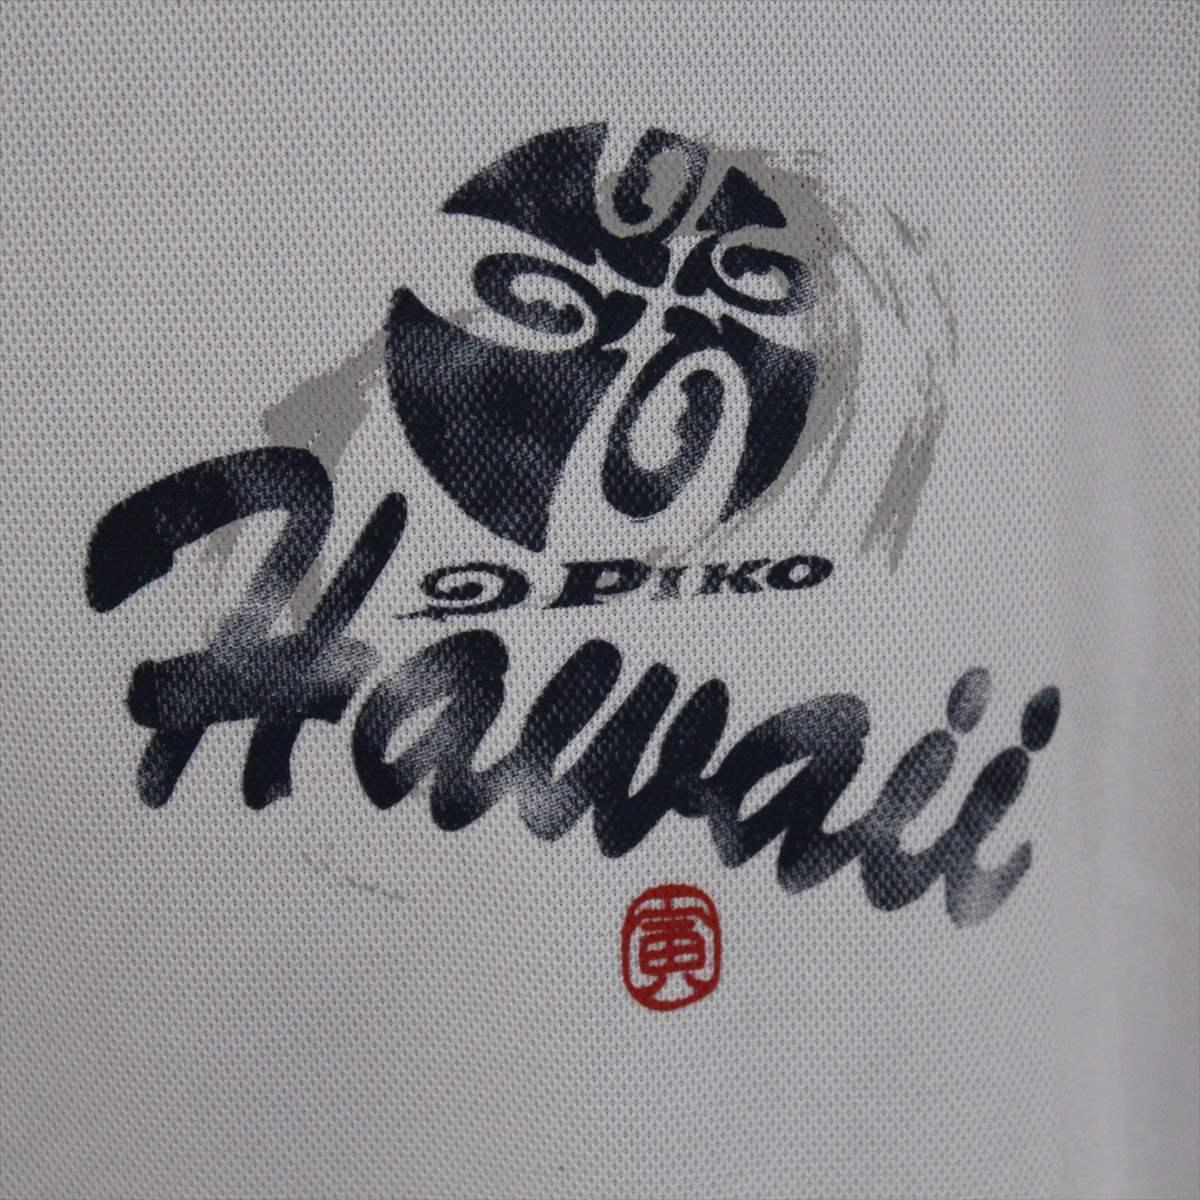 ピコ PIKO メンズ半袖Tシャツ ホワイト Mサイズ 新品 白 メッシュ_画像2